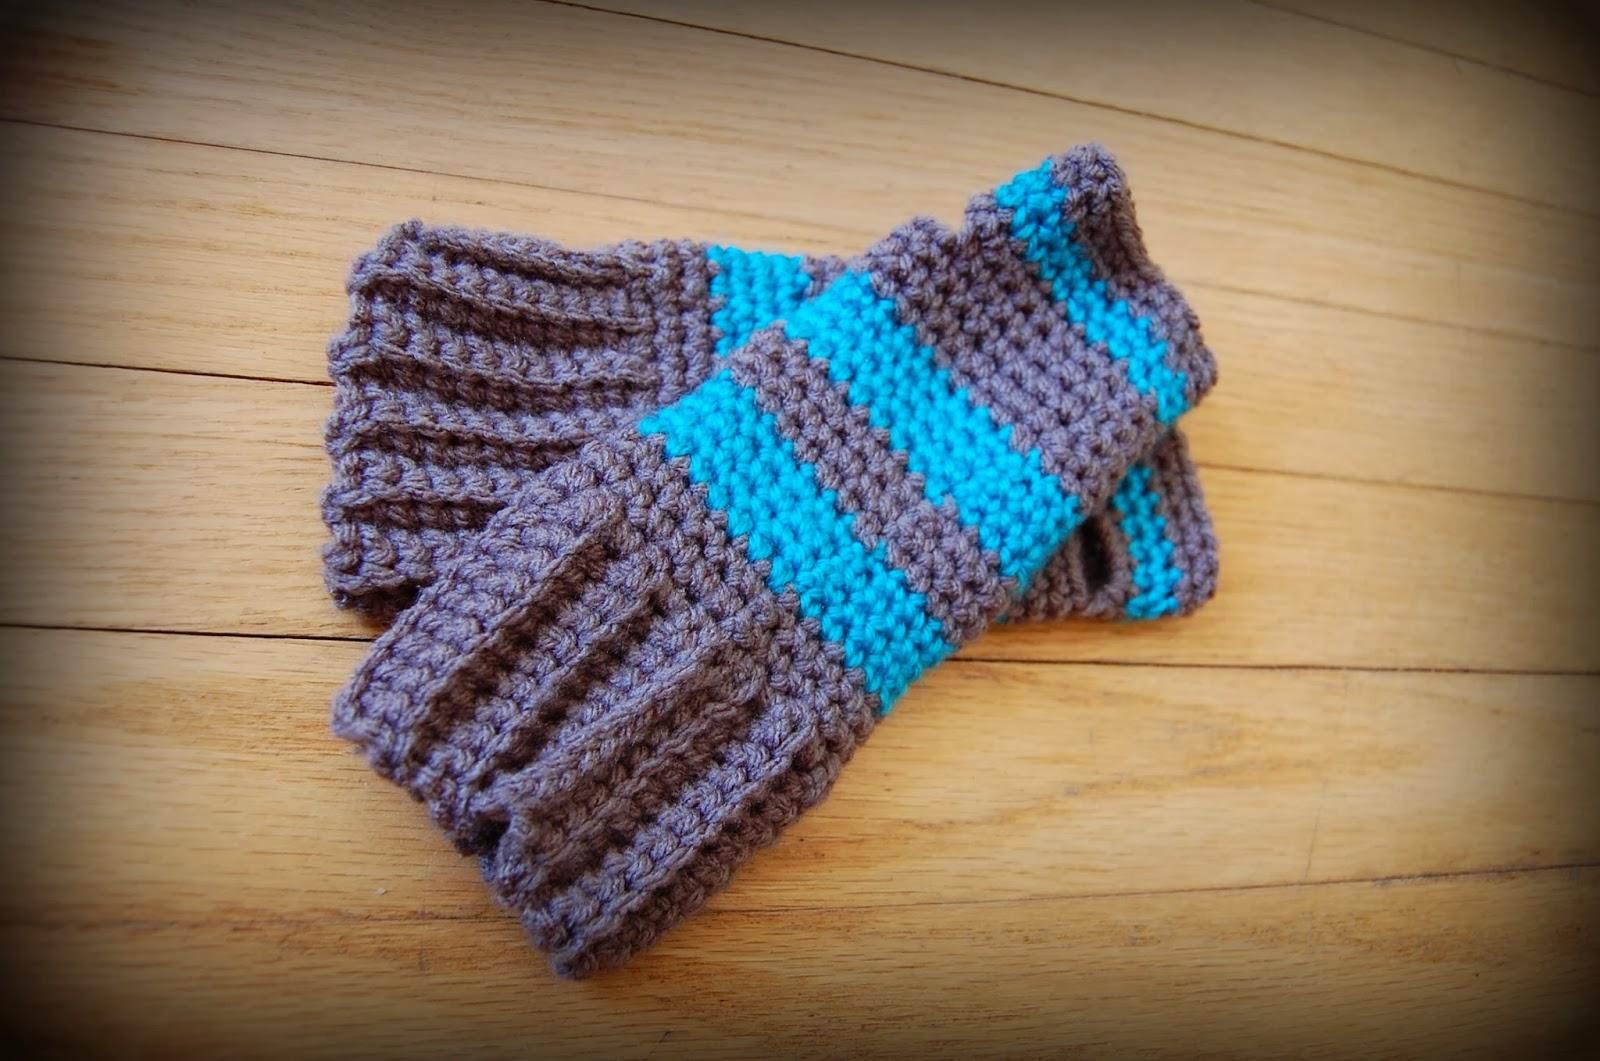 Crochet Fingerless Gloves Pattern Easy : The Hippy Hooker: Super Simple Fingerless Gloves: Free ...